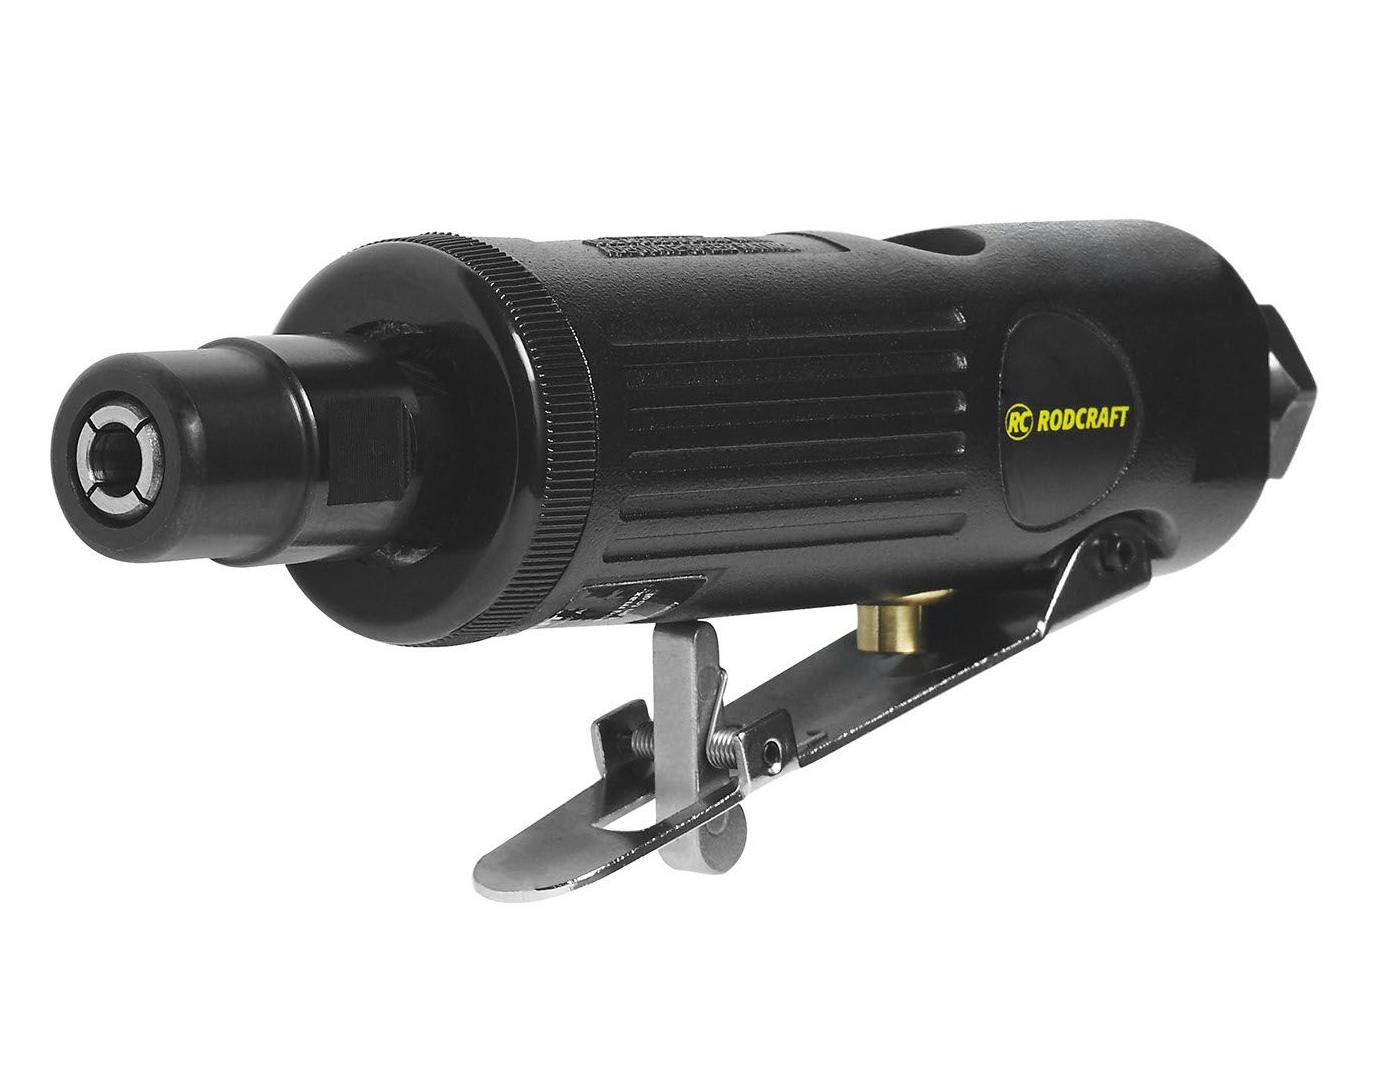 RODCRAFT RC7009 Stabschliefer / Einhandschleifer bis max. 30.000 U/min